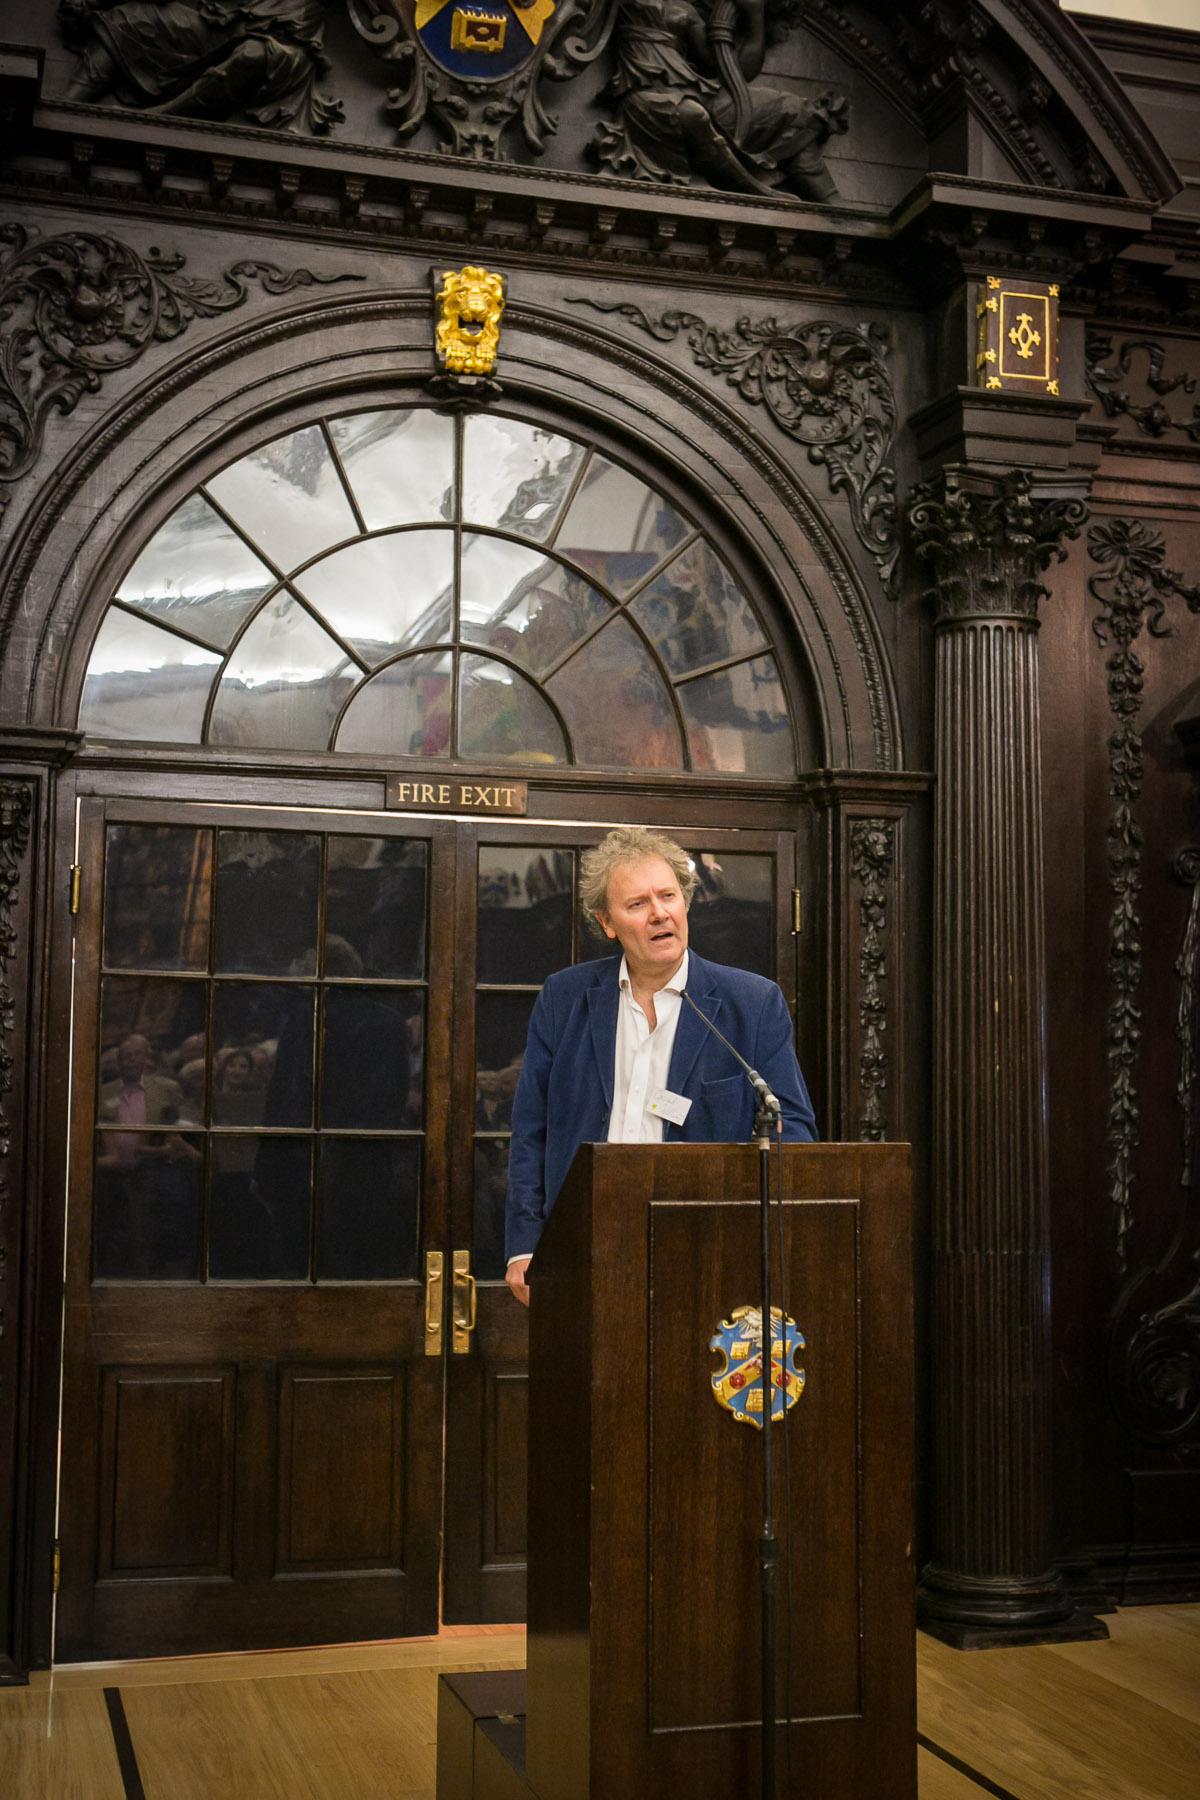 Conrad Williams speaking